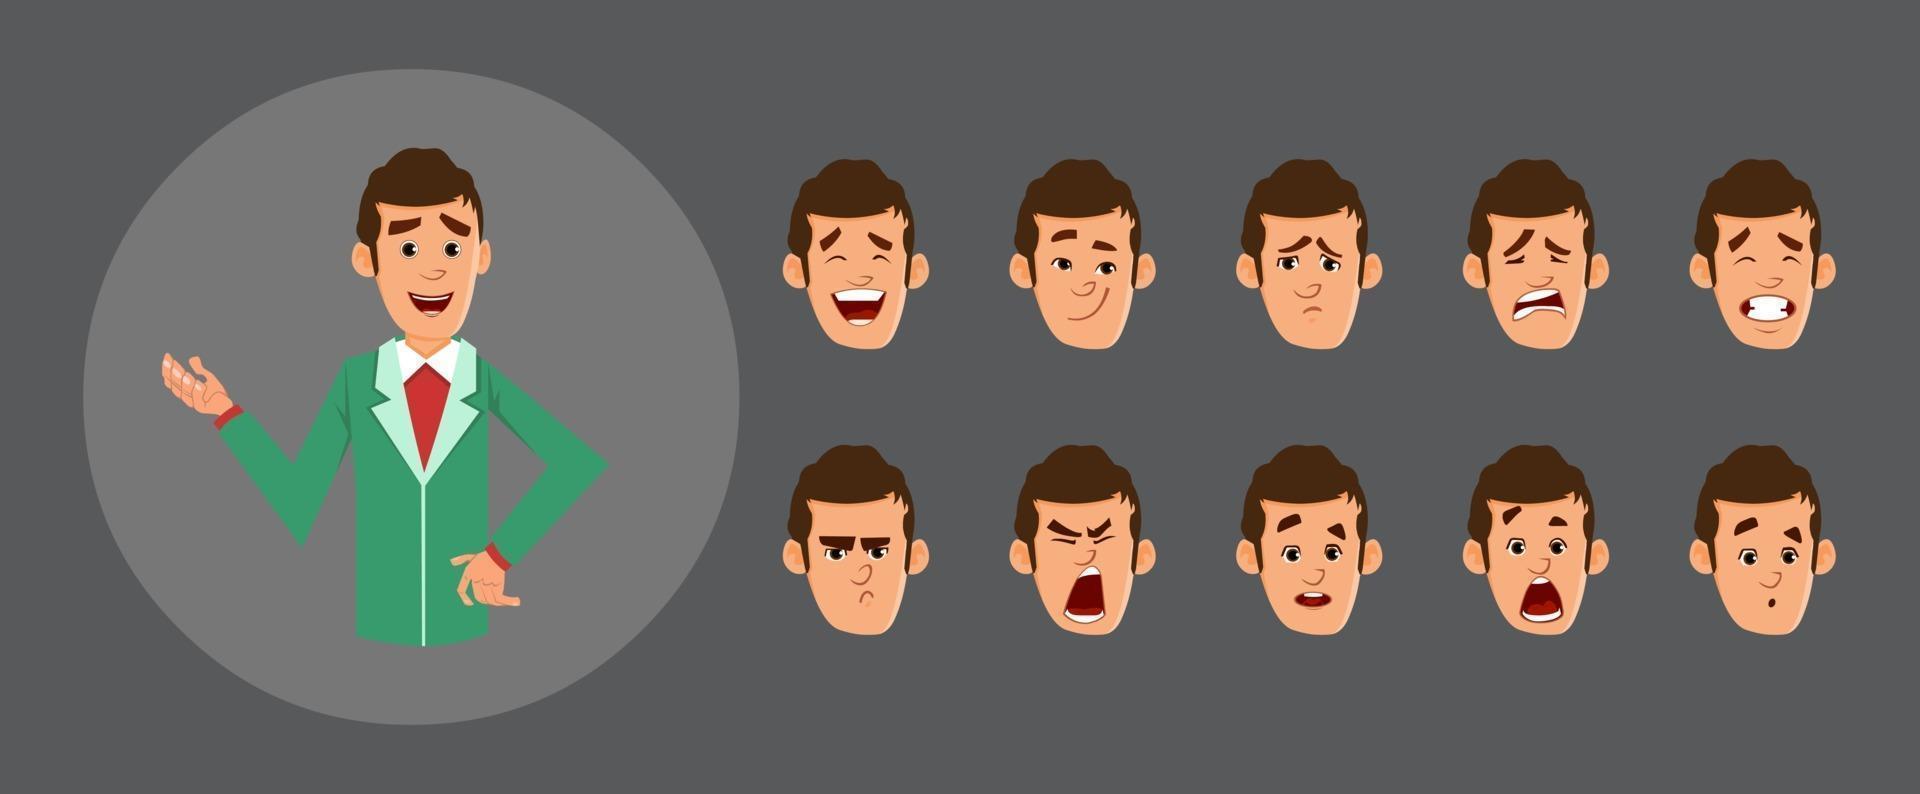 söt affärsmanavatar med olika ansikts känslor och läppsynkronisering. karaktär för anpassad animering. vektor